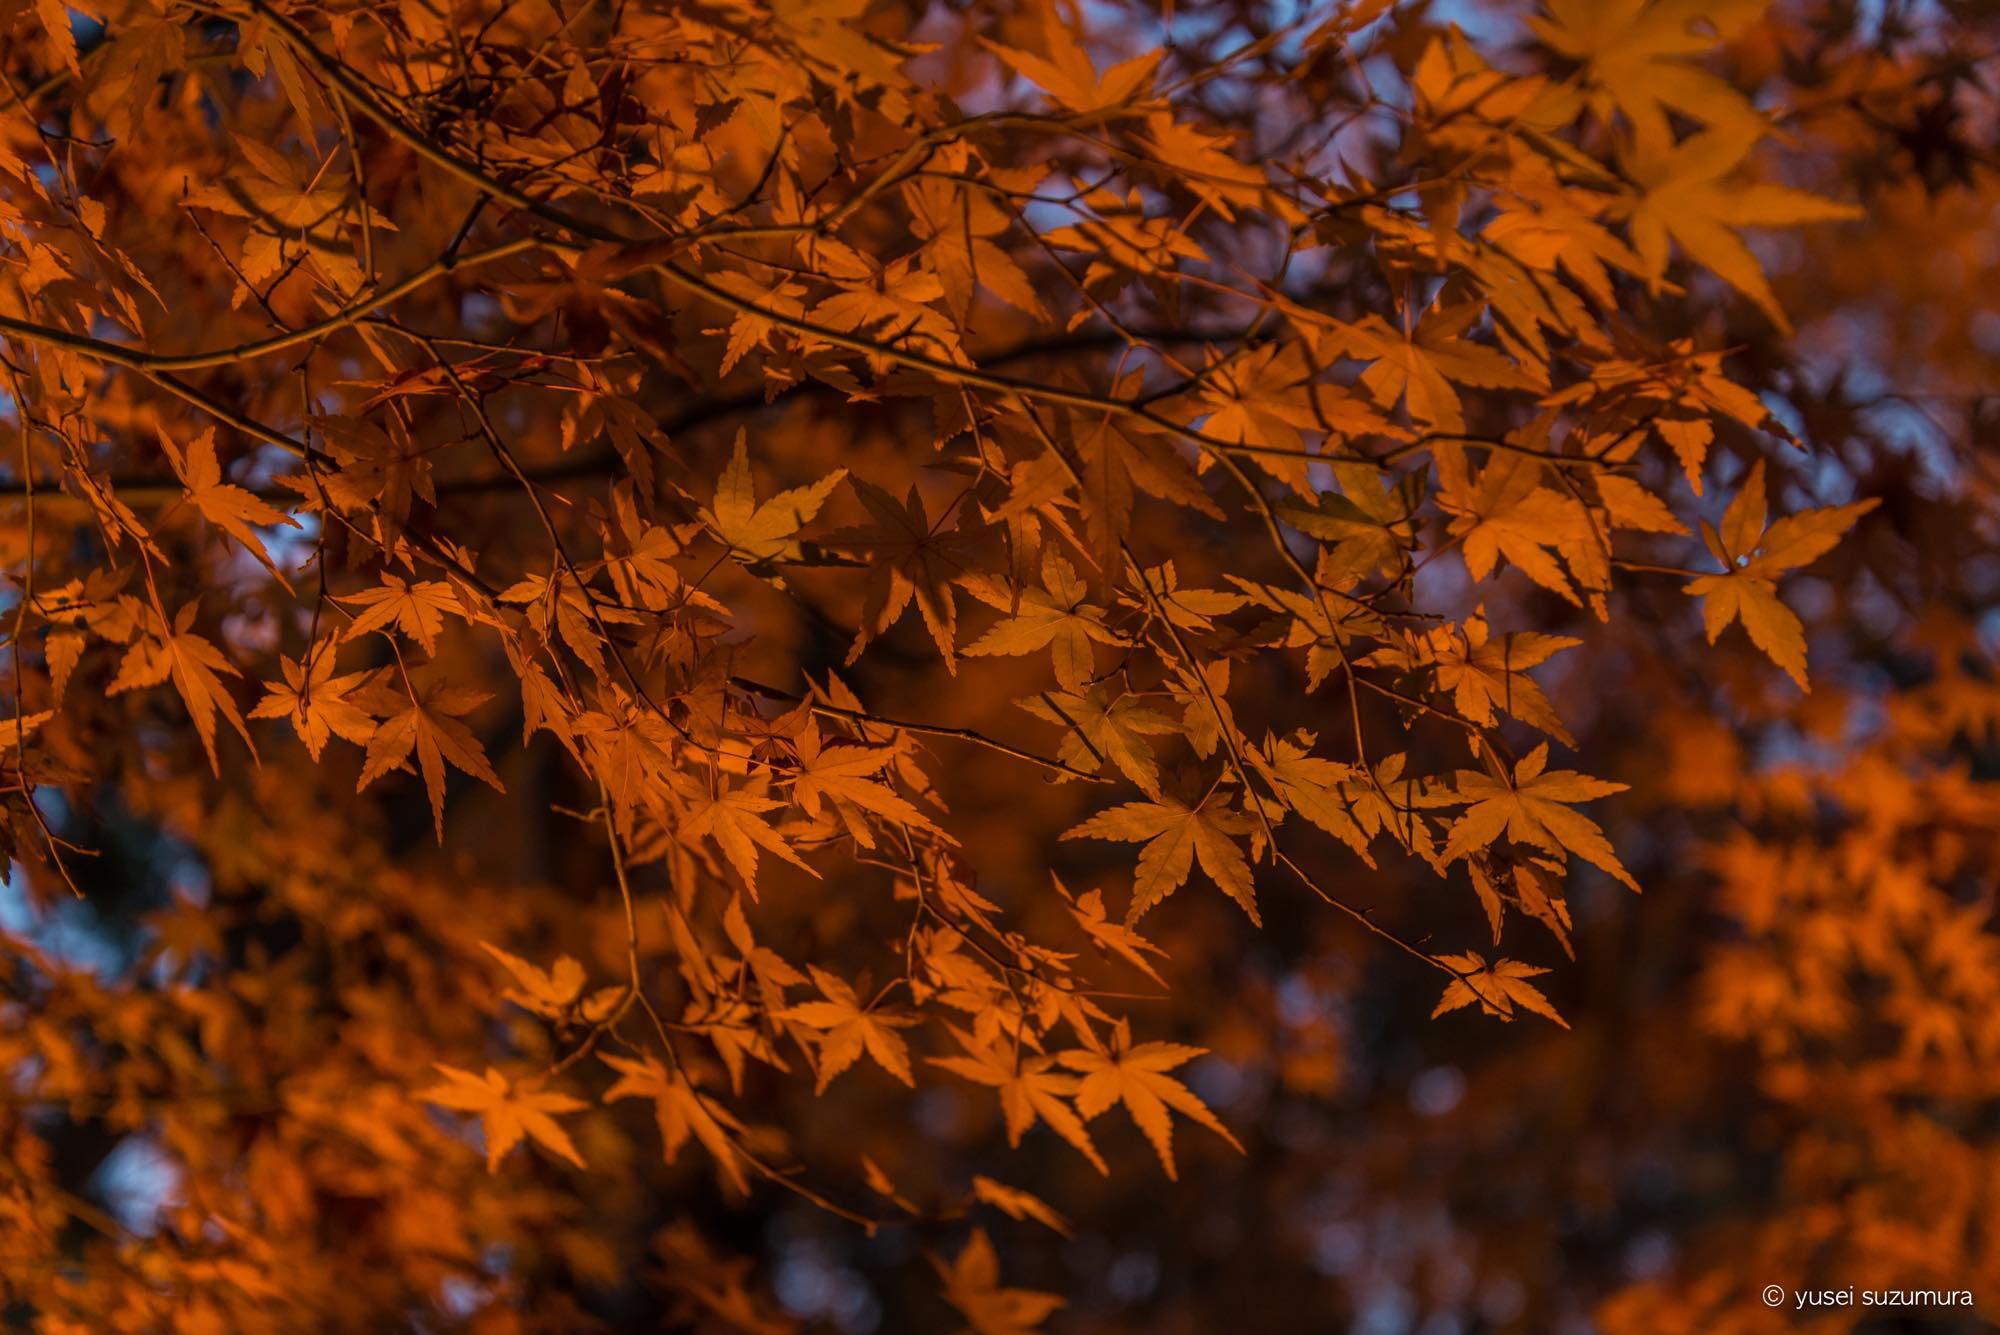 香嵐渓の紅葉が燃えるように綺麗